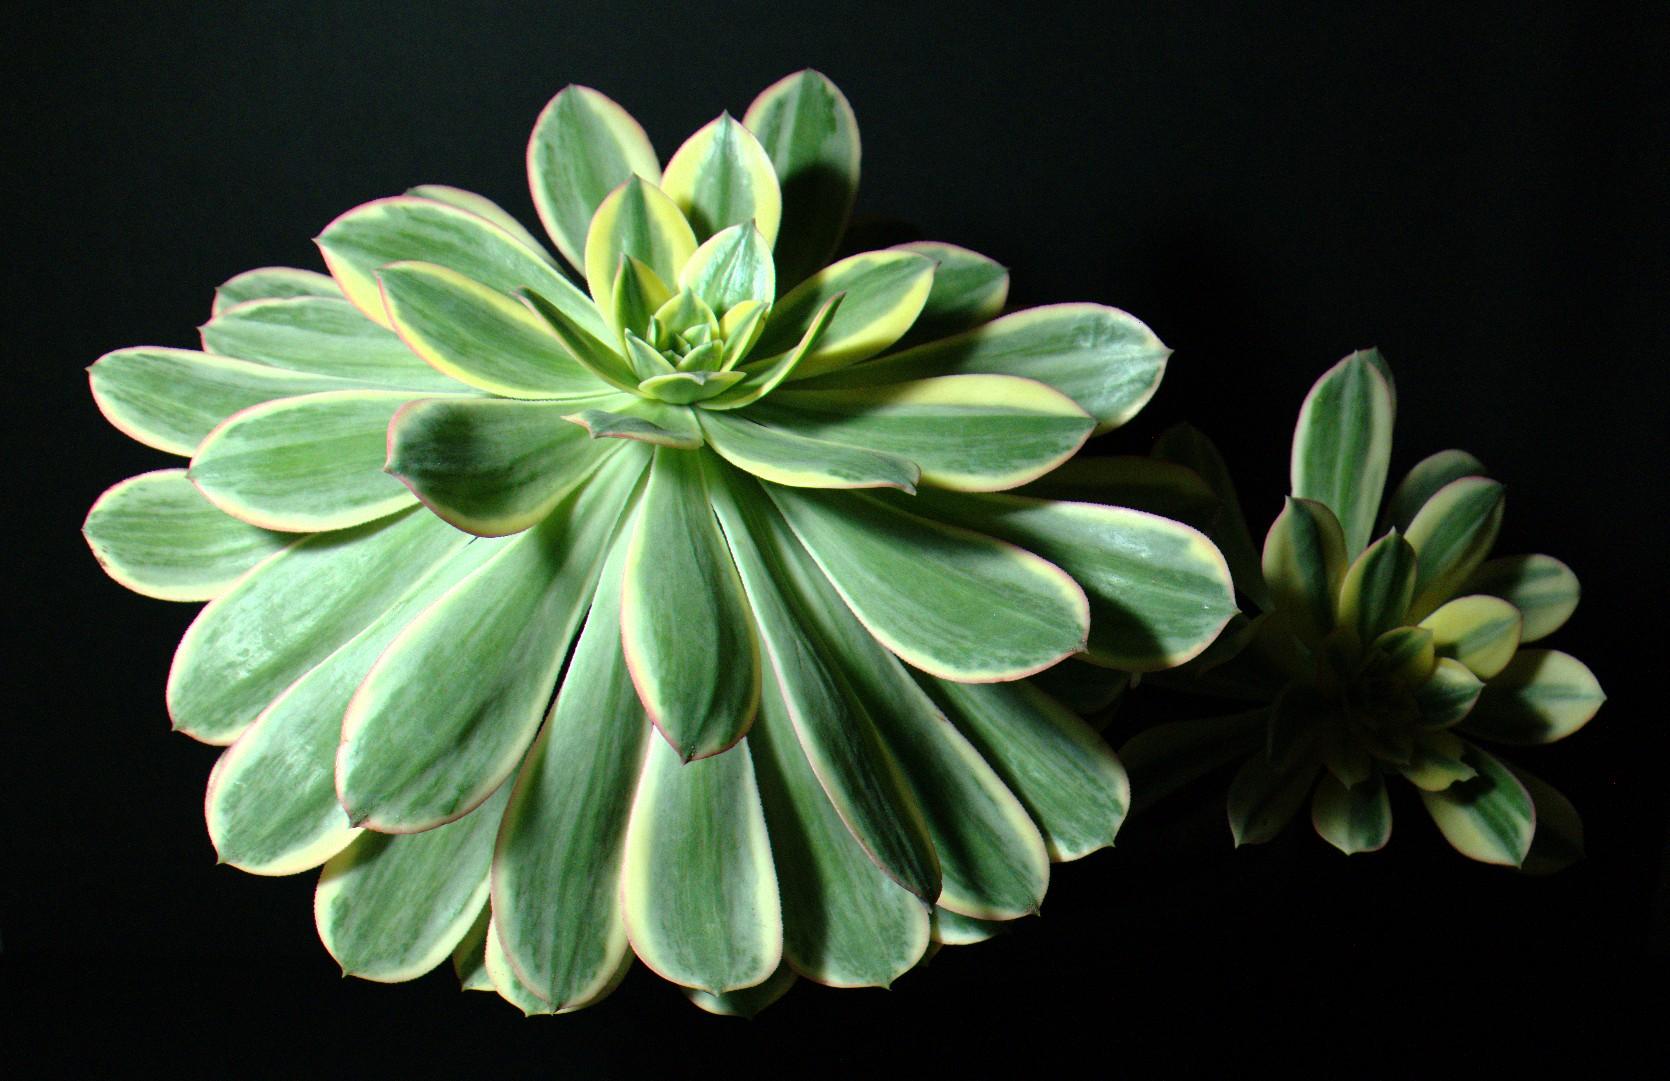 SCCSS 2016 October - Winner Intermediate Succulent - Phyllis DeCrescenzo - Aeonium 'Sunburst'